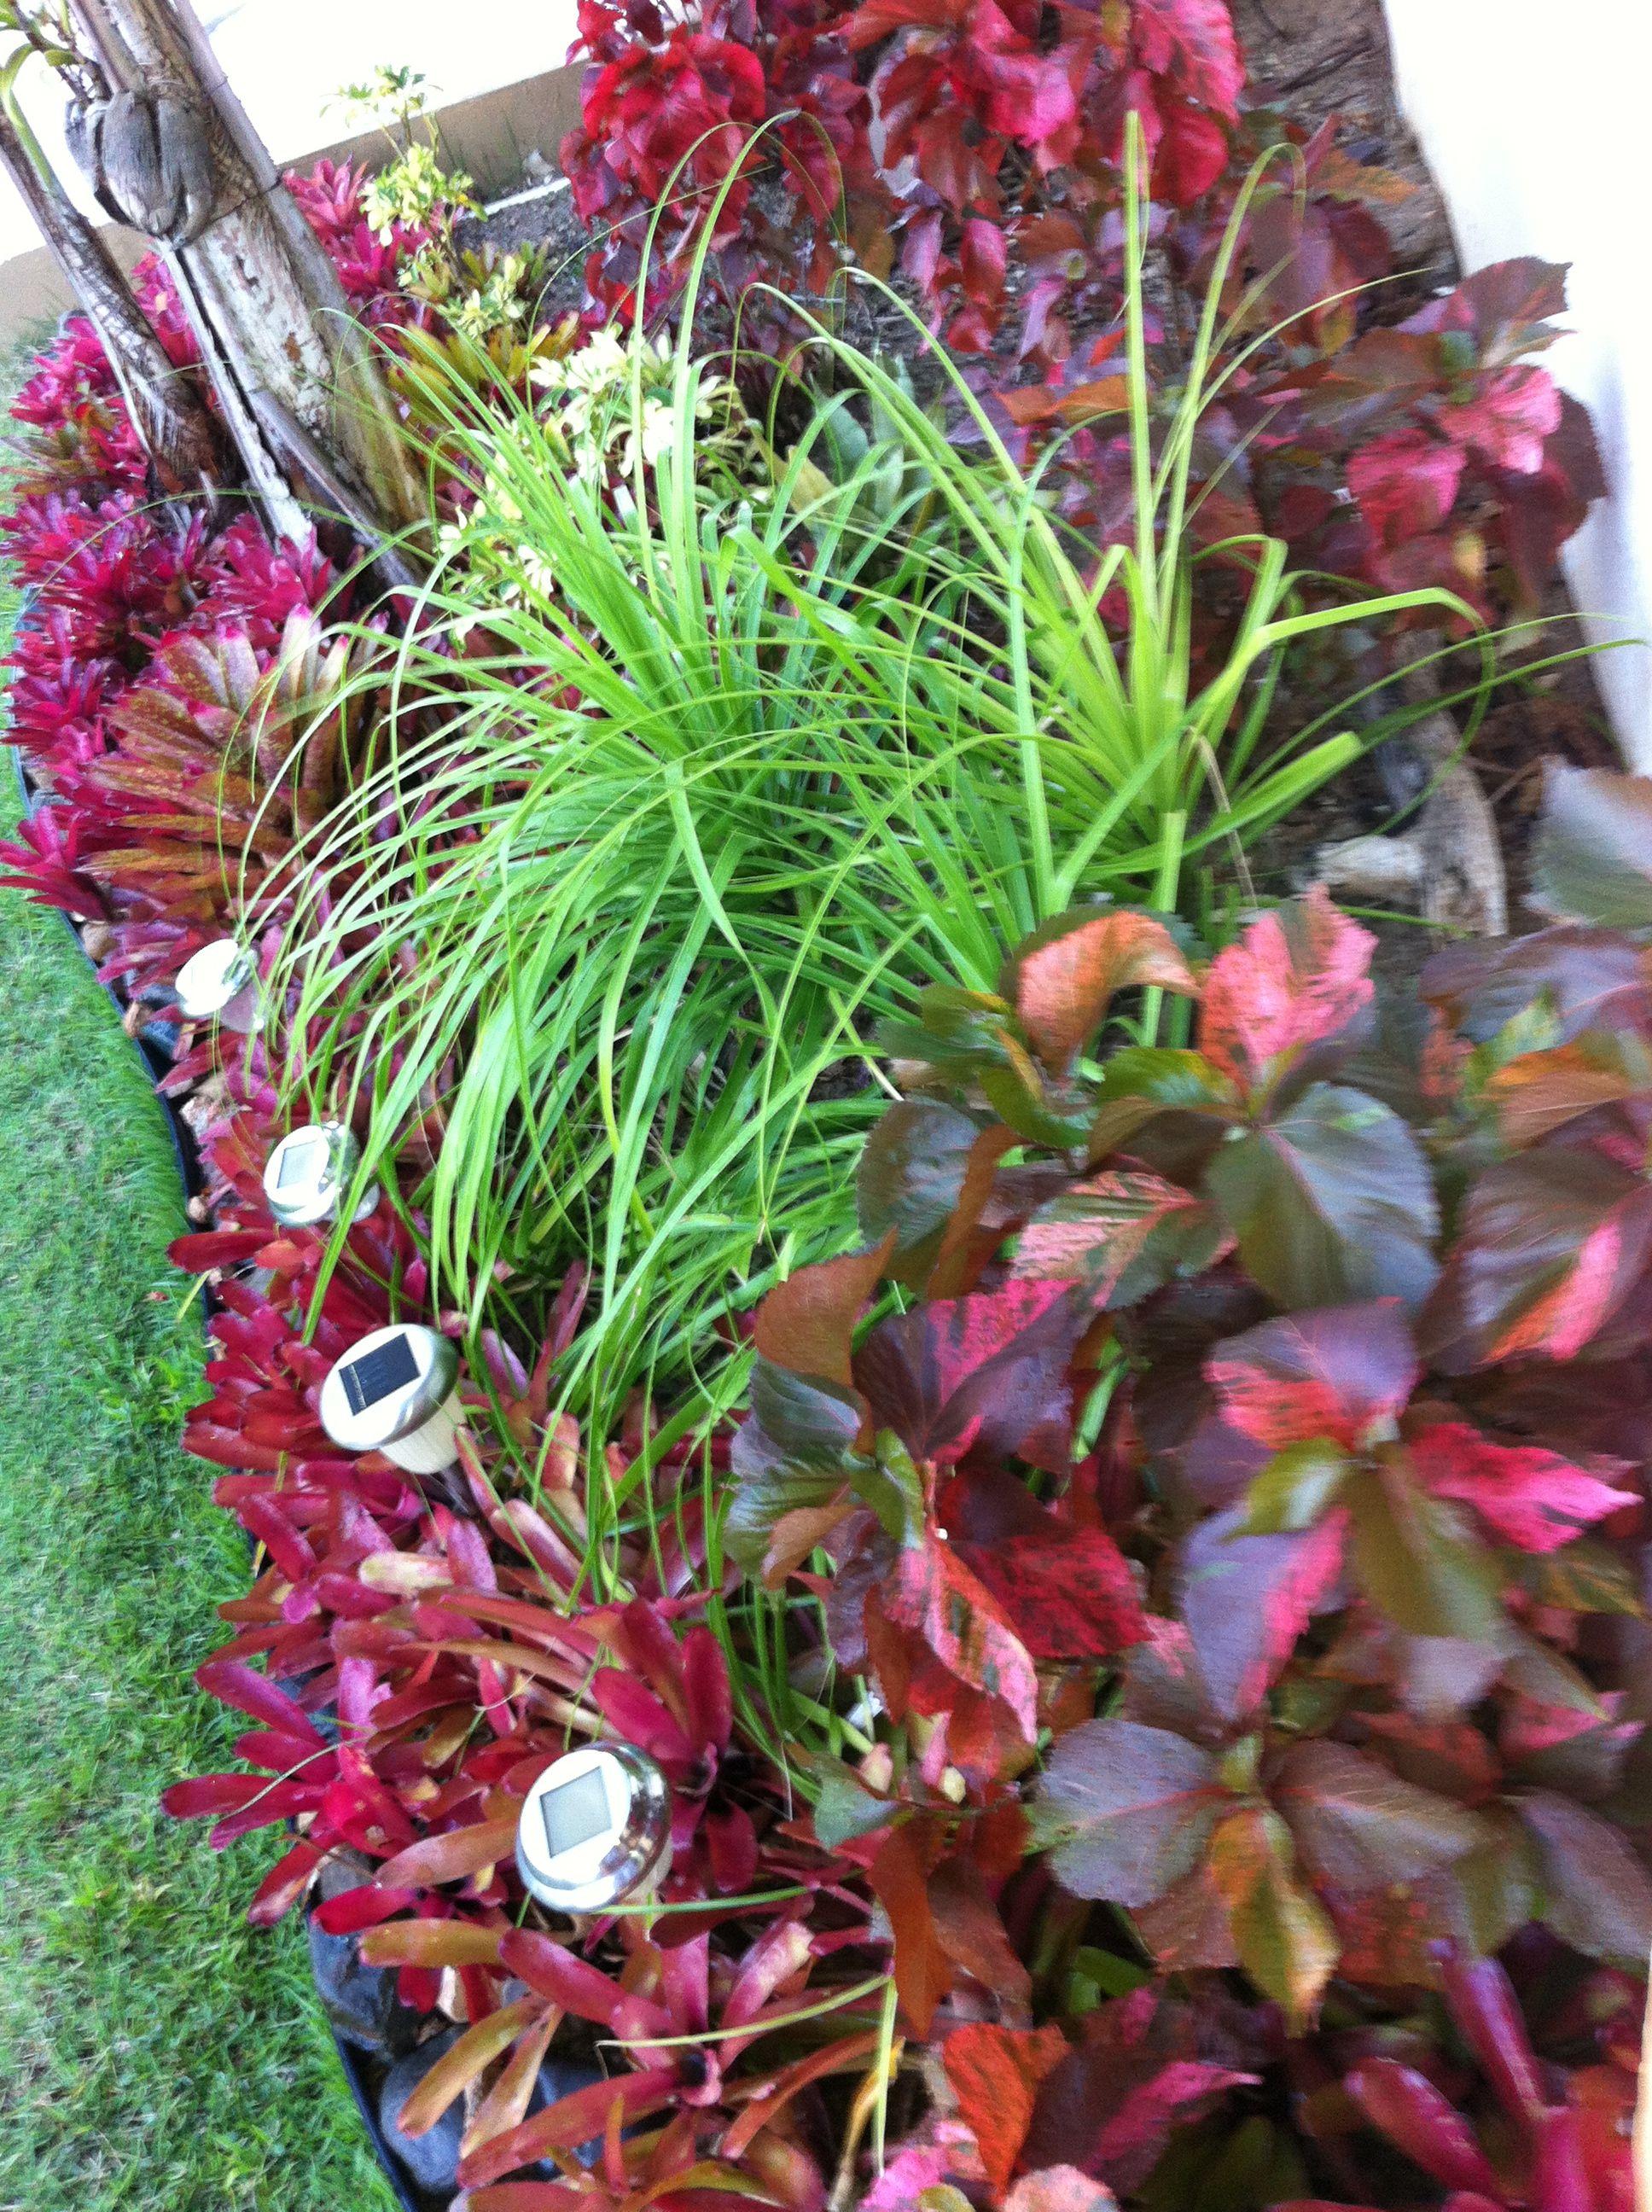 Mi jard n est compuesto por hermosas bromelias rojas for Jardines de poni